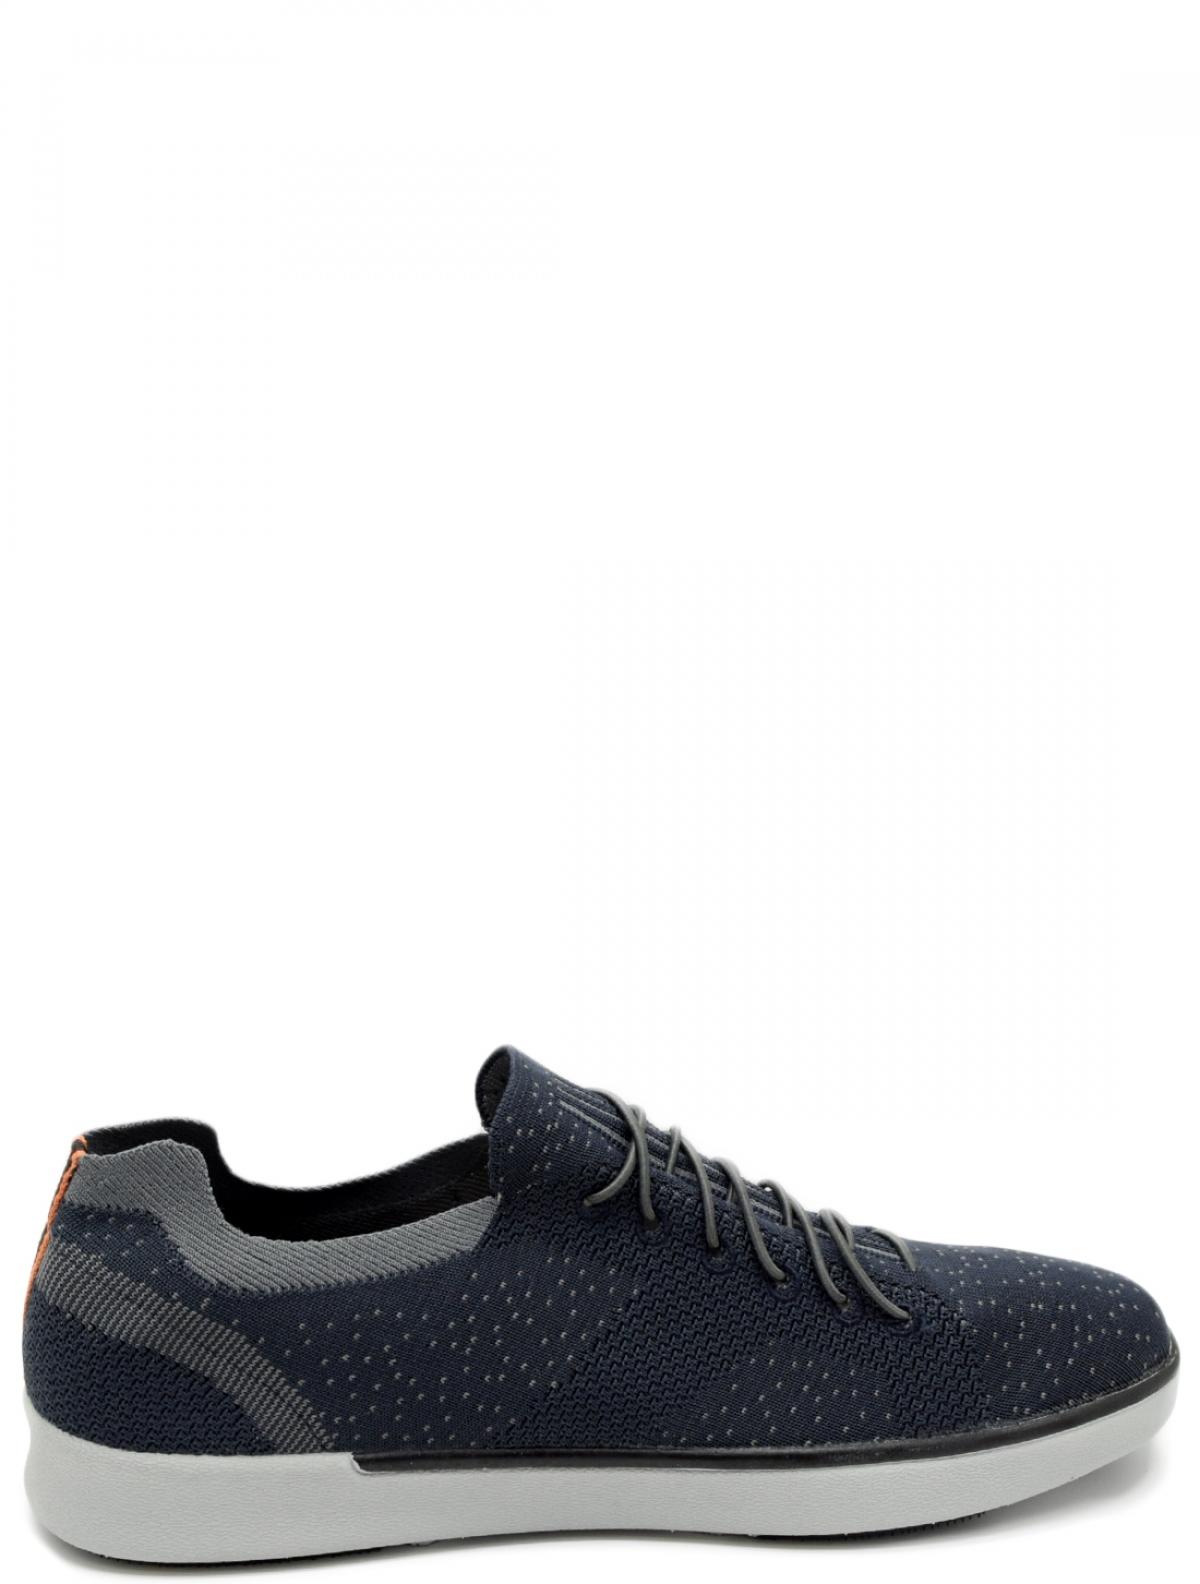 ESCAN ES718052-3 мужские кроссовки